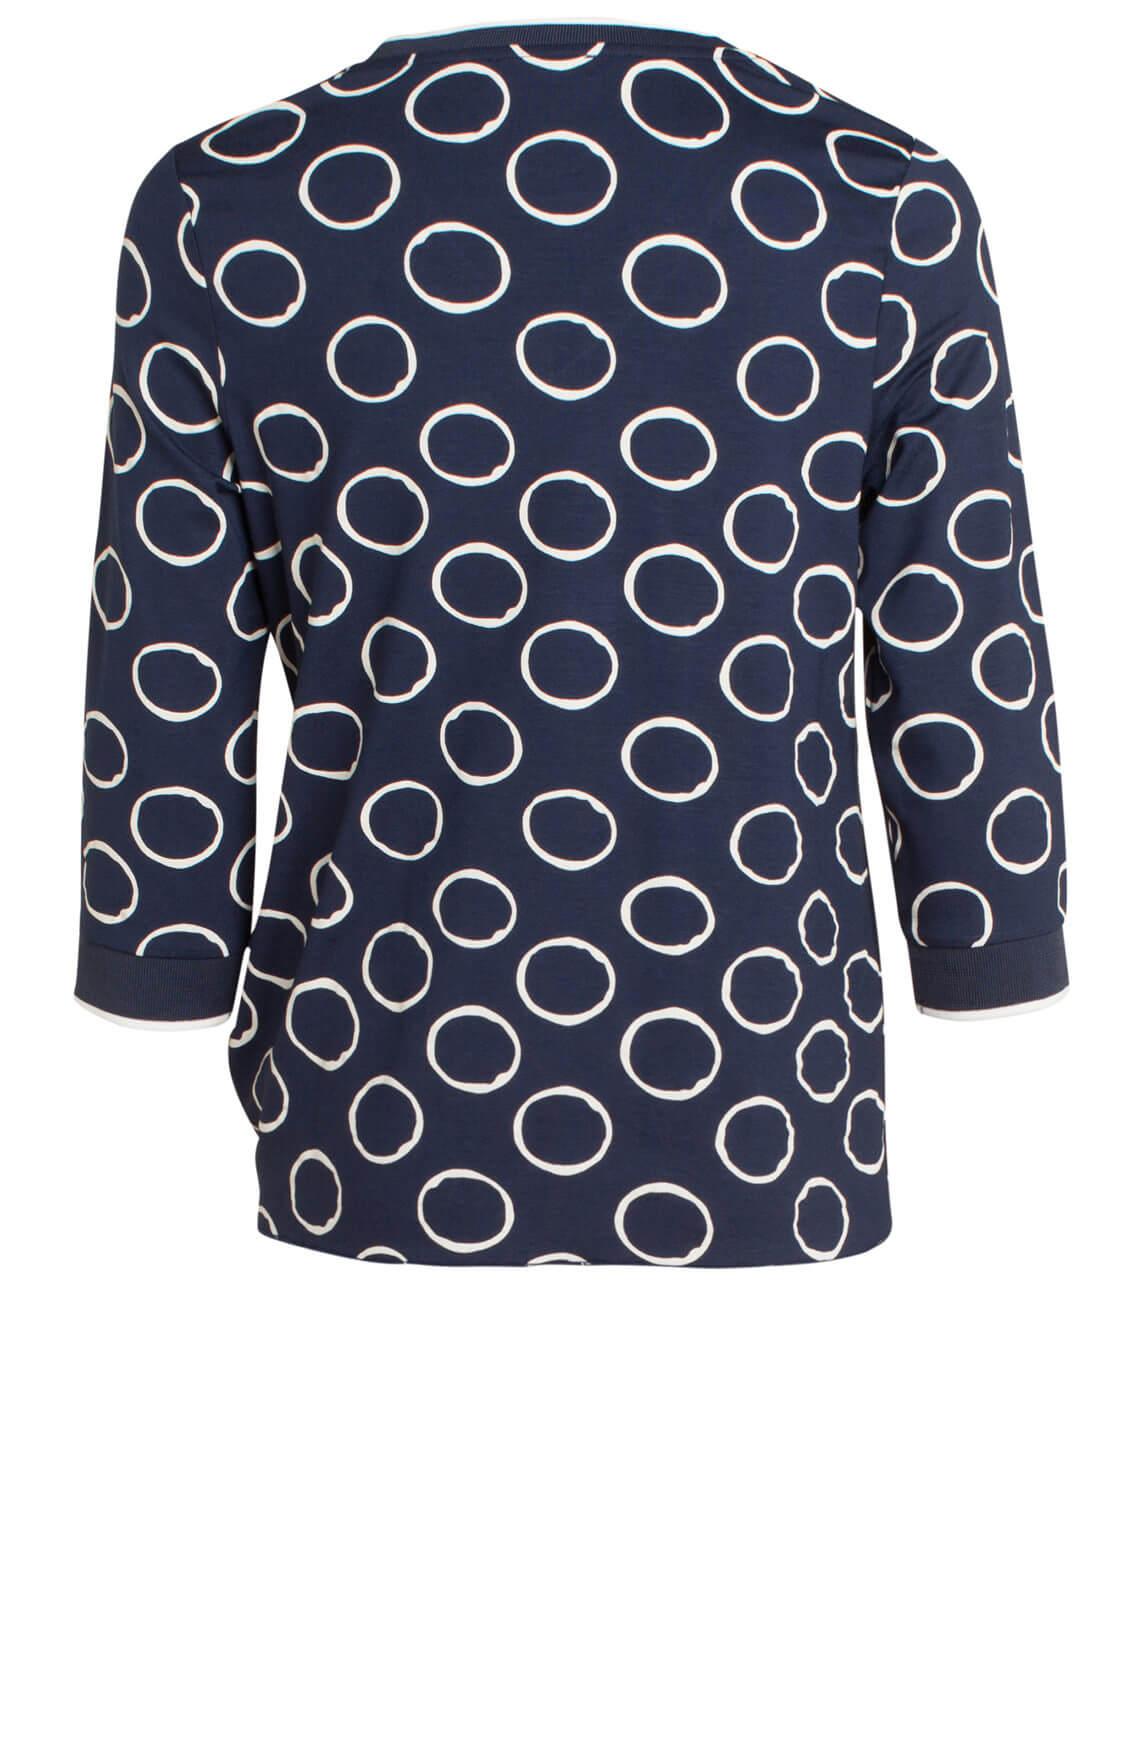 Anna Dames Shirt met cirkels